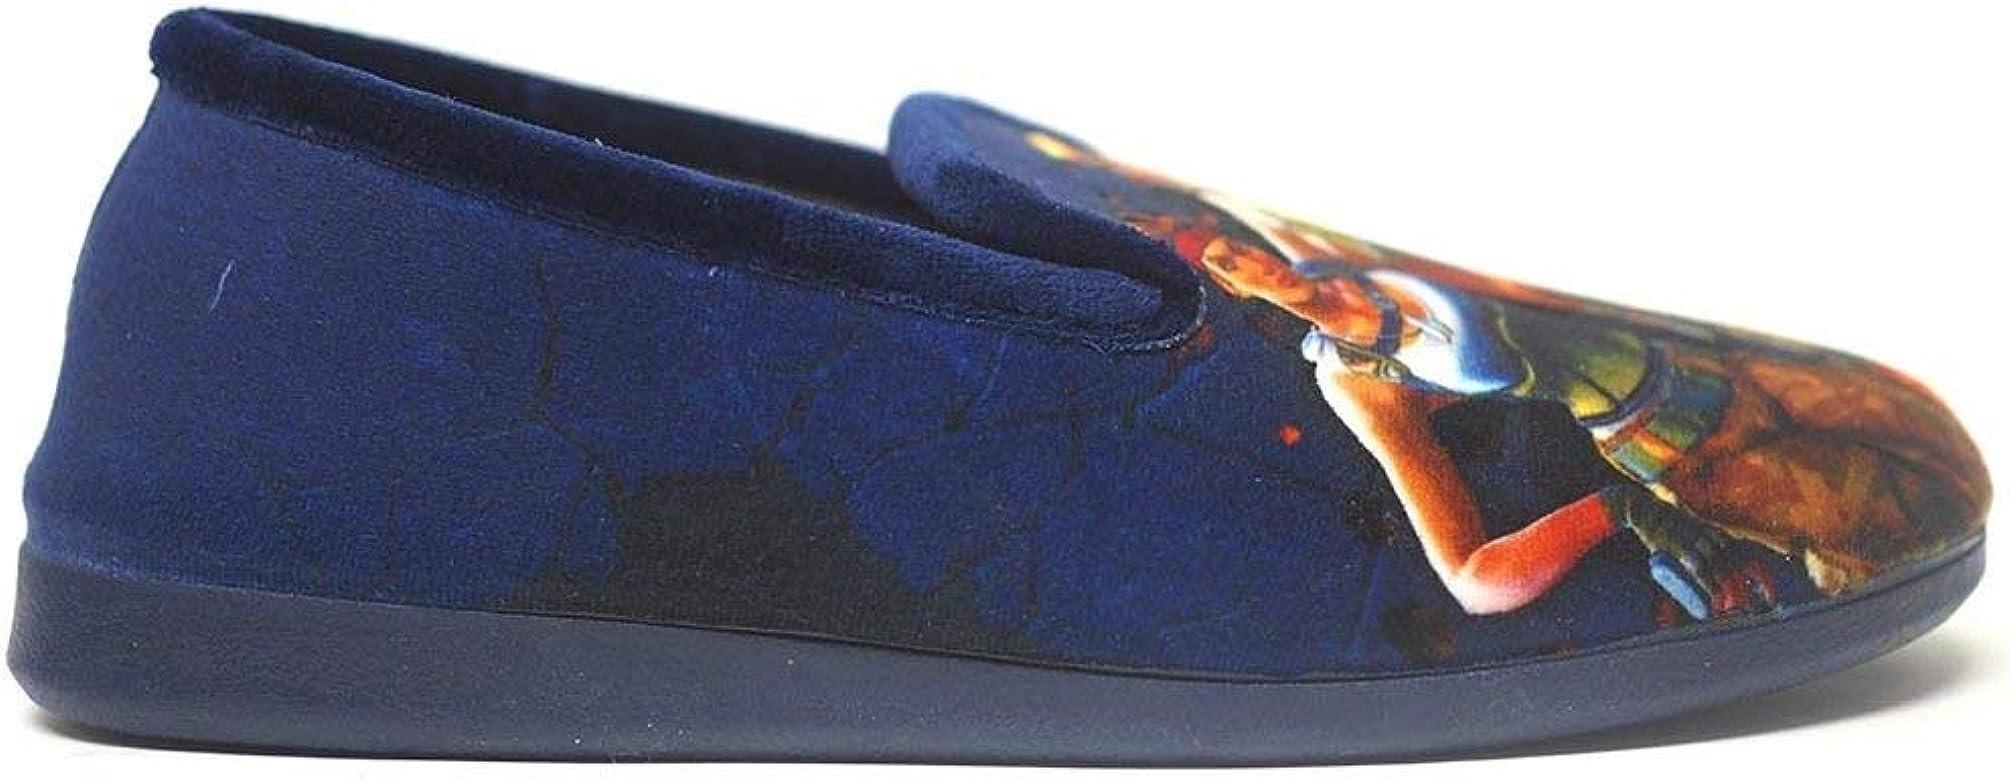 Zapatillas De Estar por casa para Mujer Fabricada en España 10840 Marino - Color - Marino, Talla - 38: Amazon.es: Zapatos y complementos